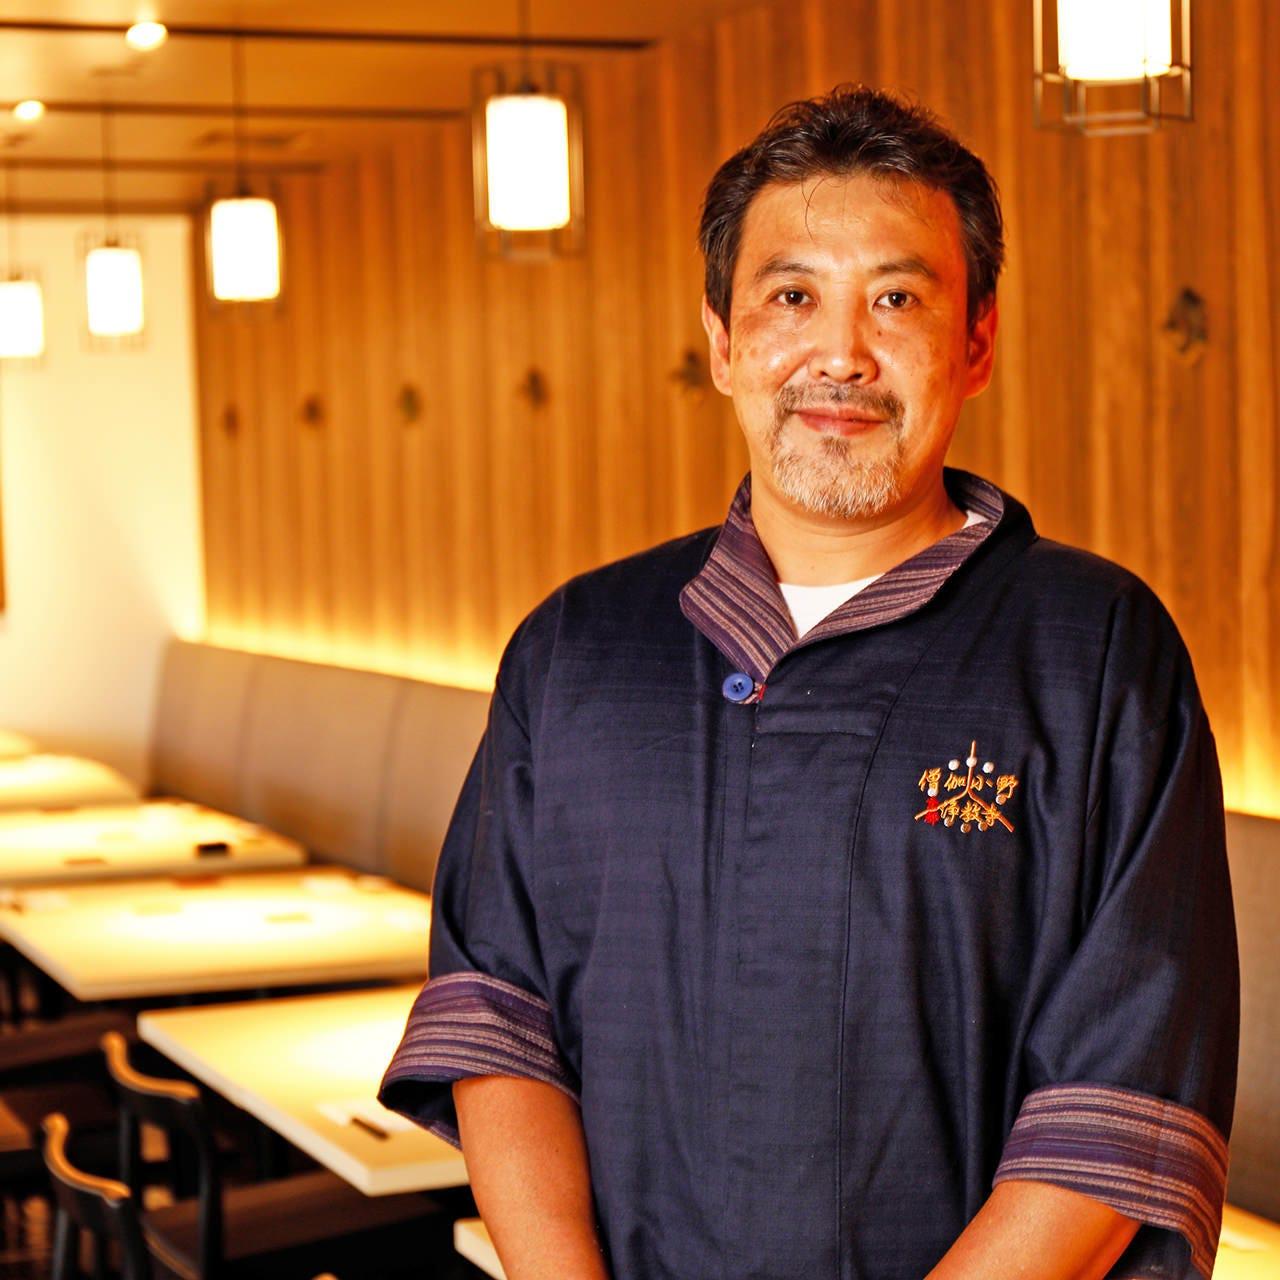 料理歴37年、老舗料亭の経験と実績